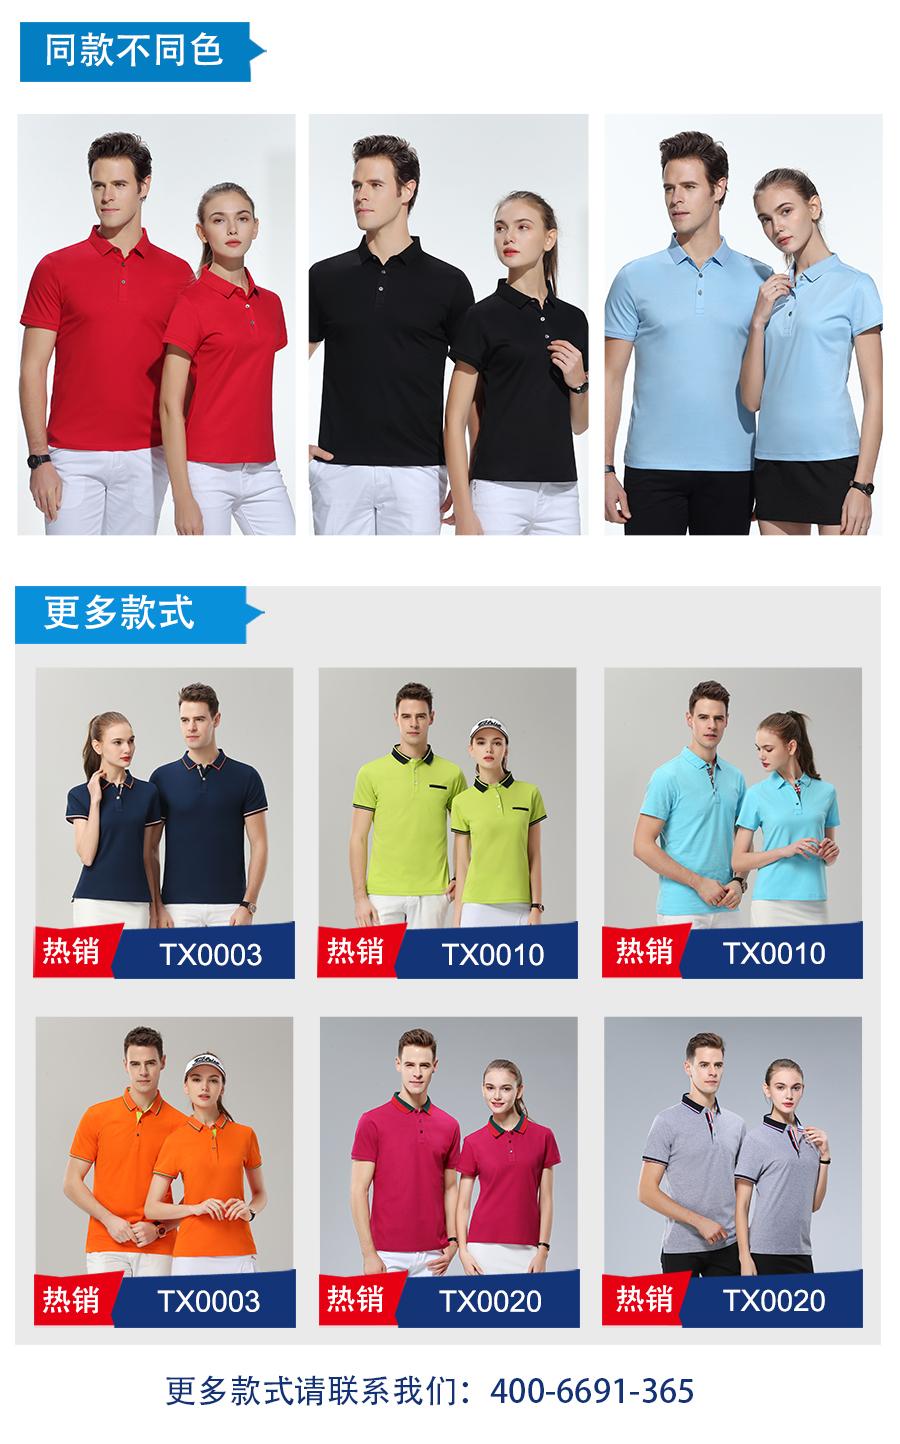 夏季t恤衫同款不同色.jpg